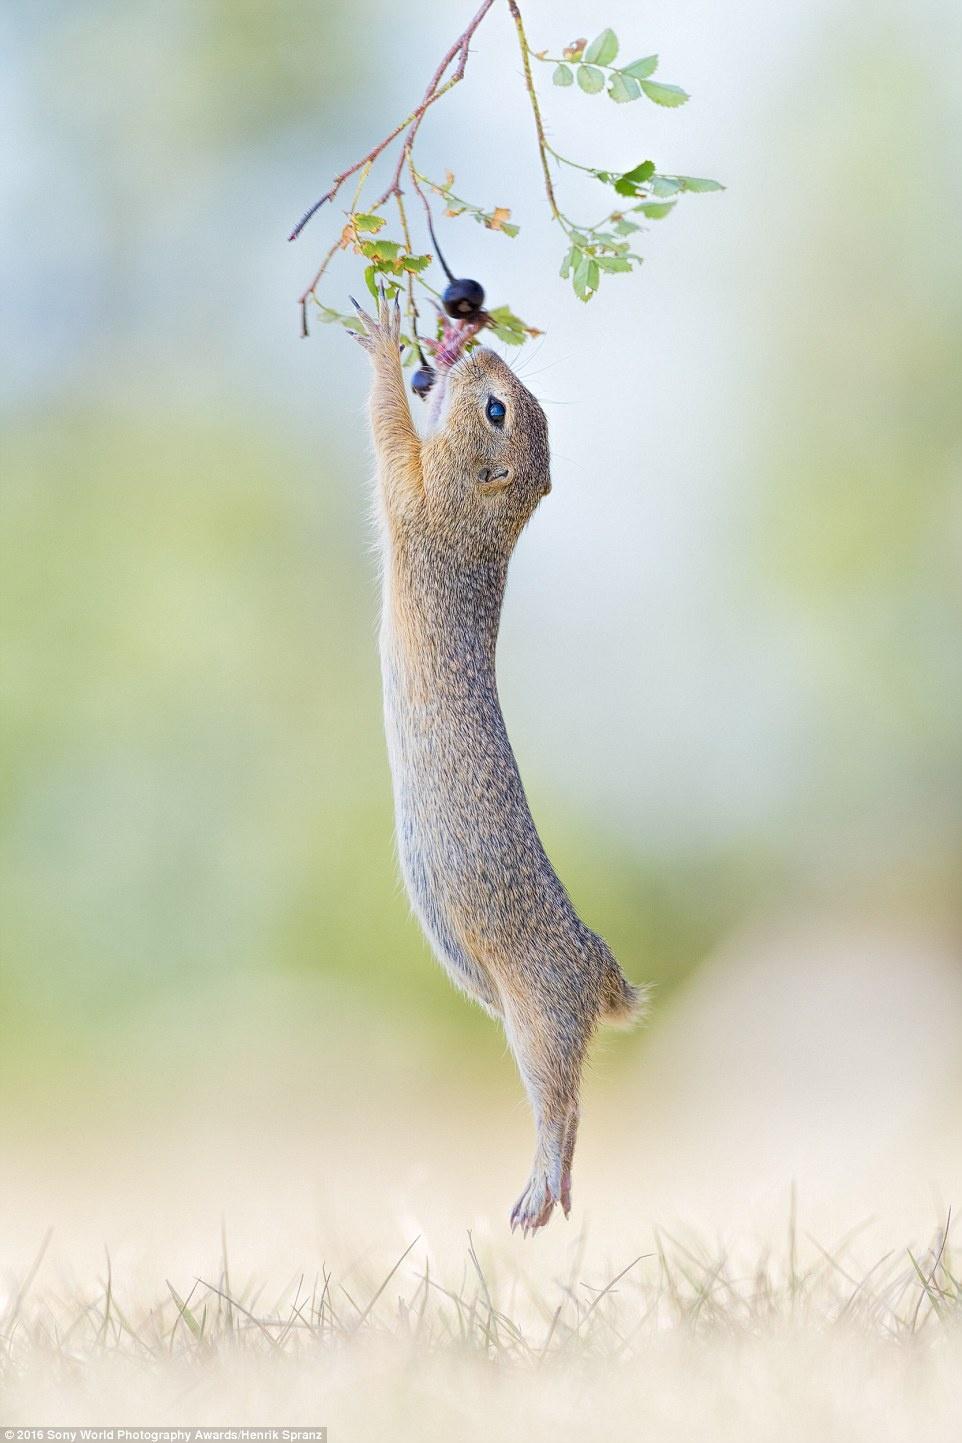 Anh khien du khach chi muon len duong hinh anh 10 Henrik Spranz (Đức) gửi ảnh một loài gặm nhấm đang nhảy lên với quả dâu rừng.